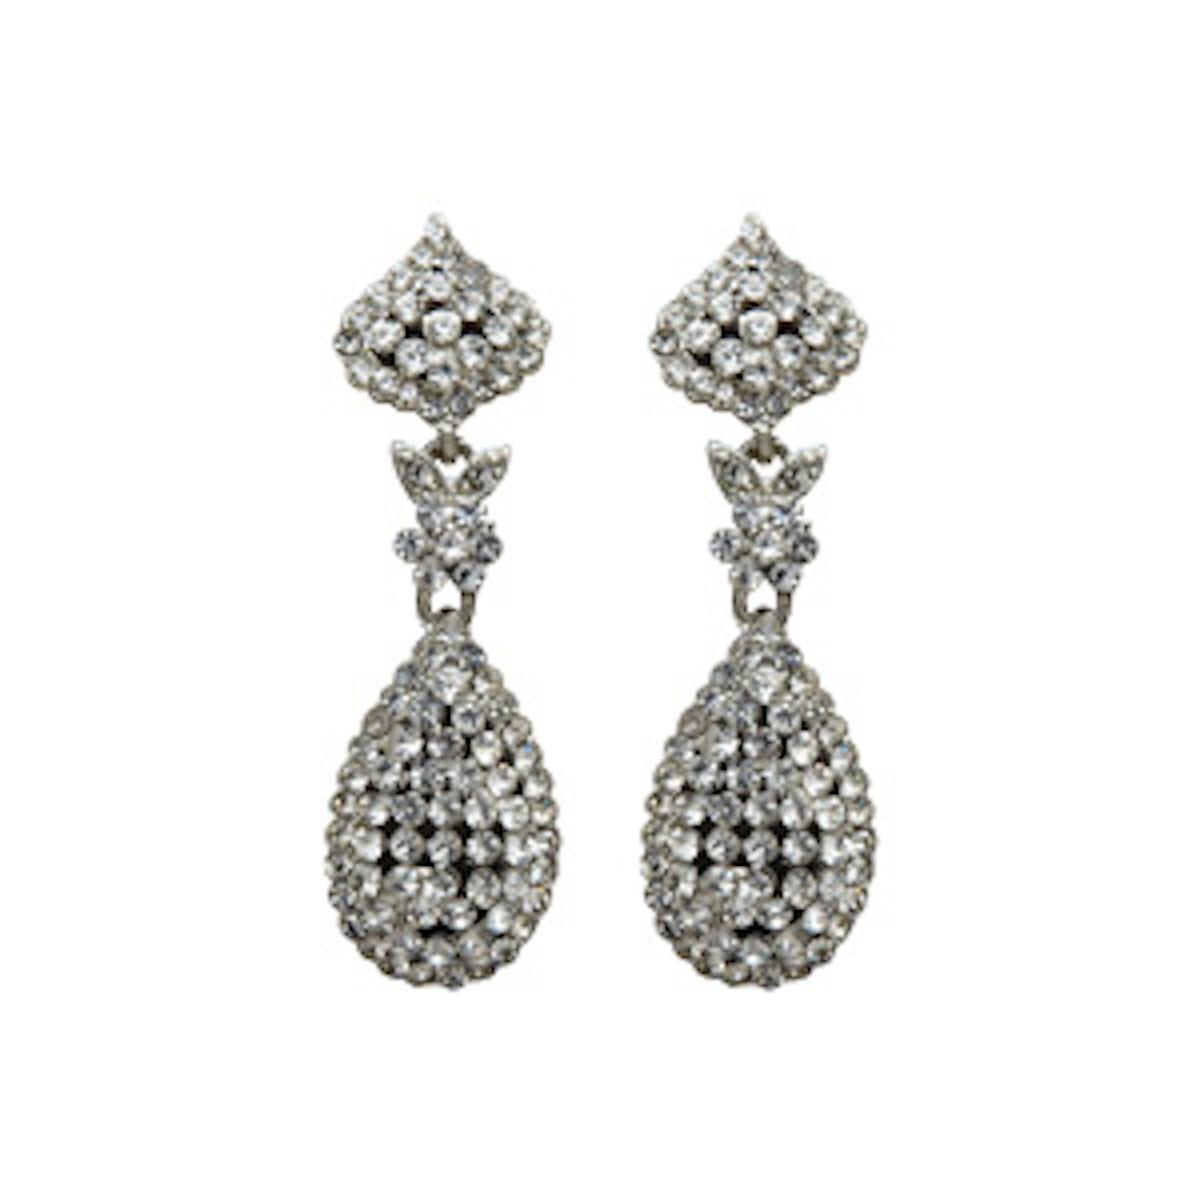 Tear Drop Crystal Swing Earrings